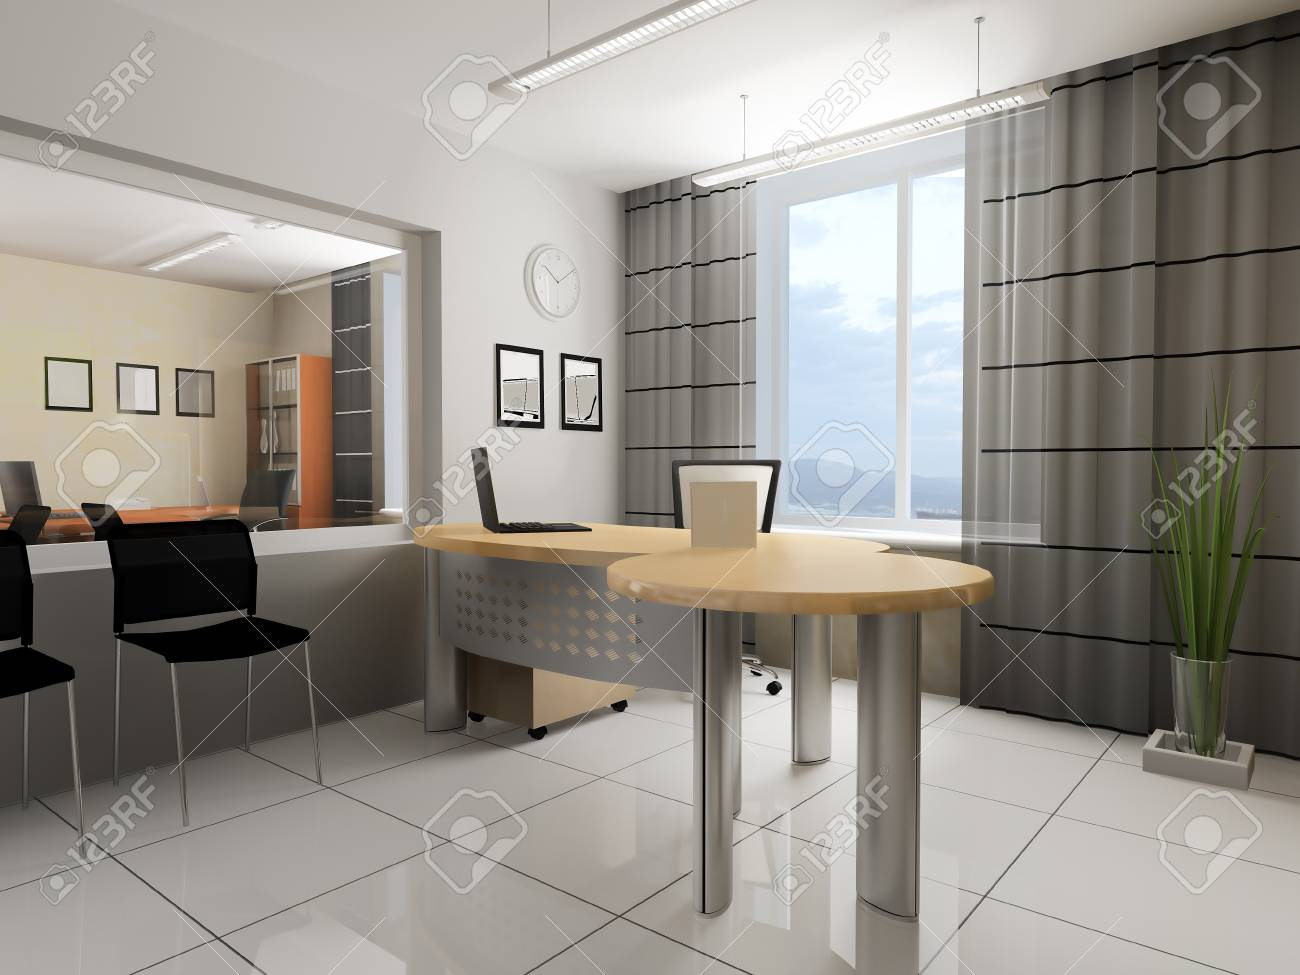 Bureau Style Moderne : Intérieur bureau dans le rendu d de style moderne banque d images